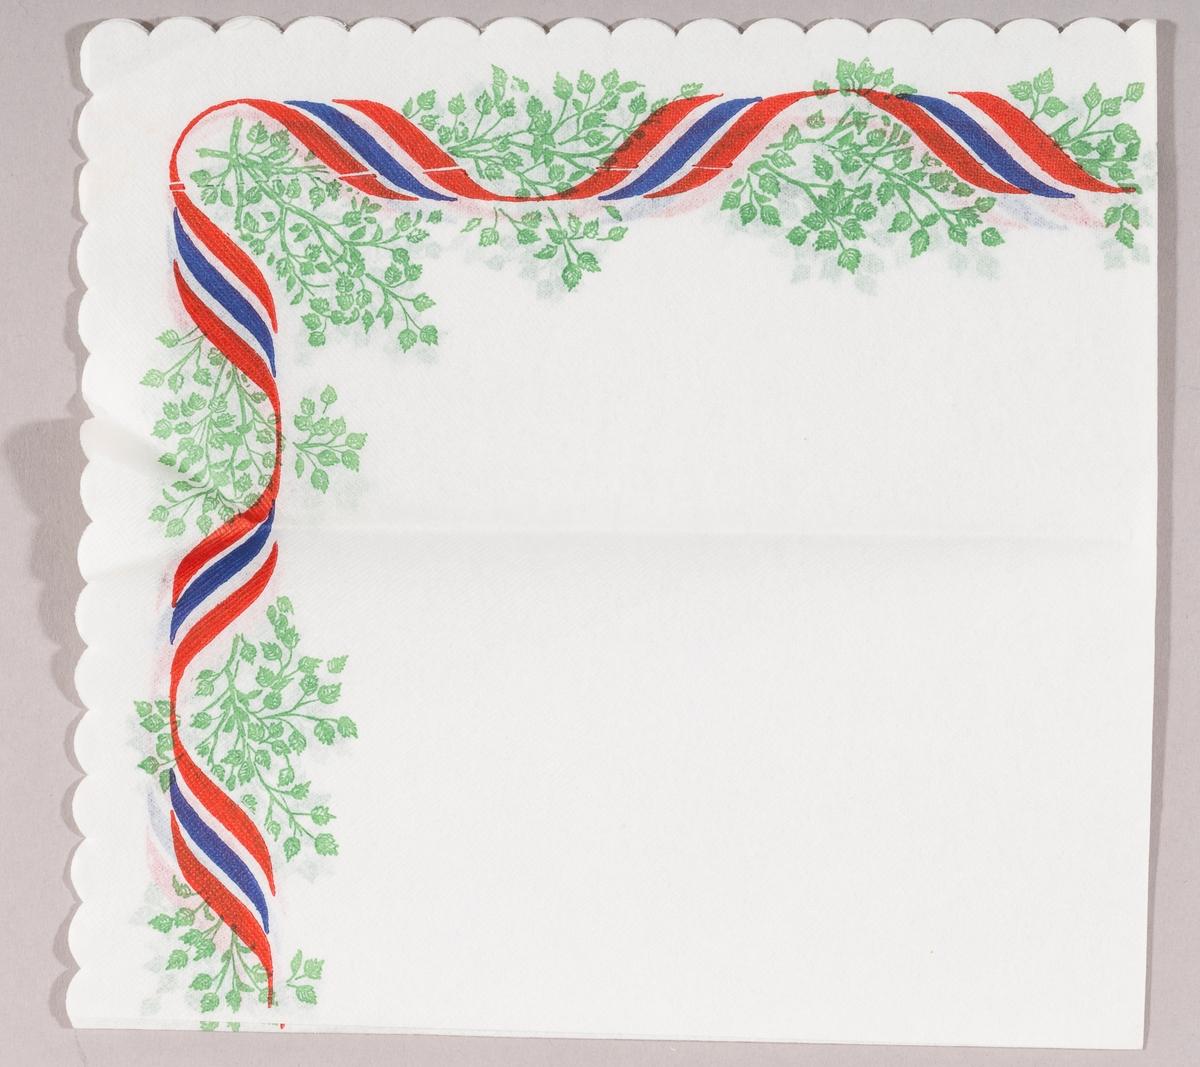 Et slynget bånd i rødt, hvitt og blått. Grønne blader.